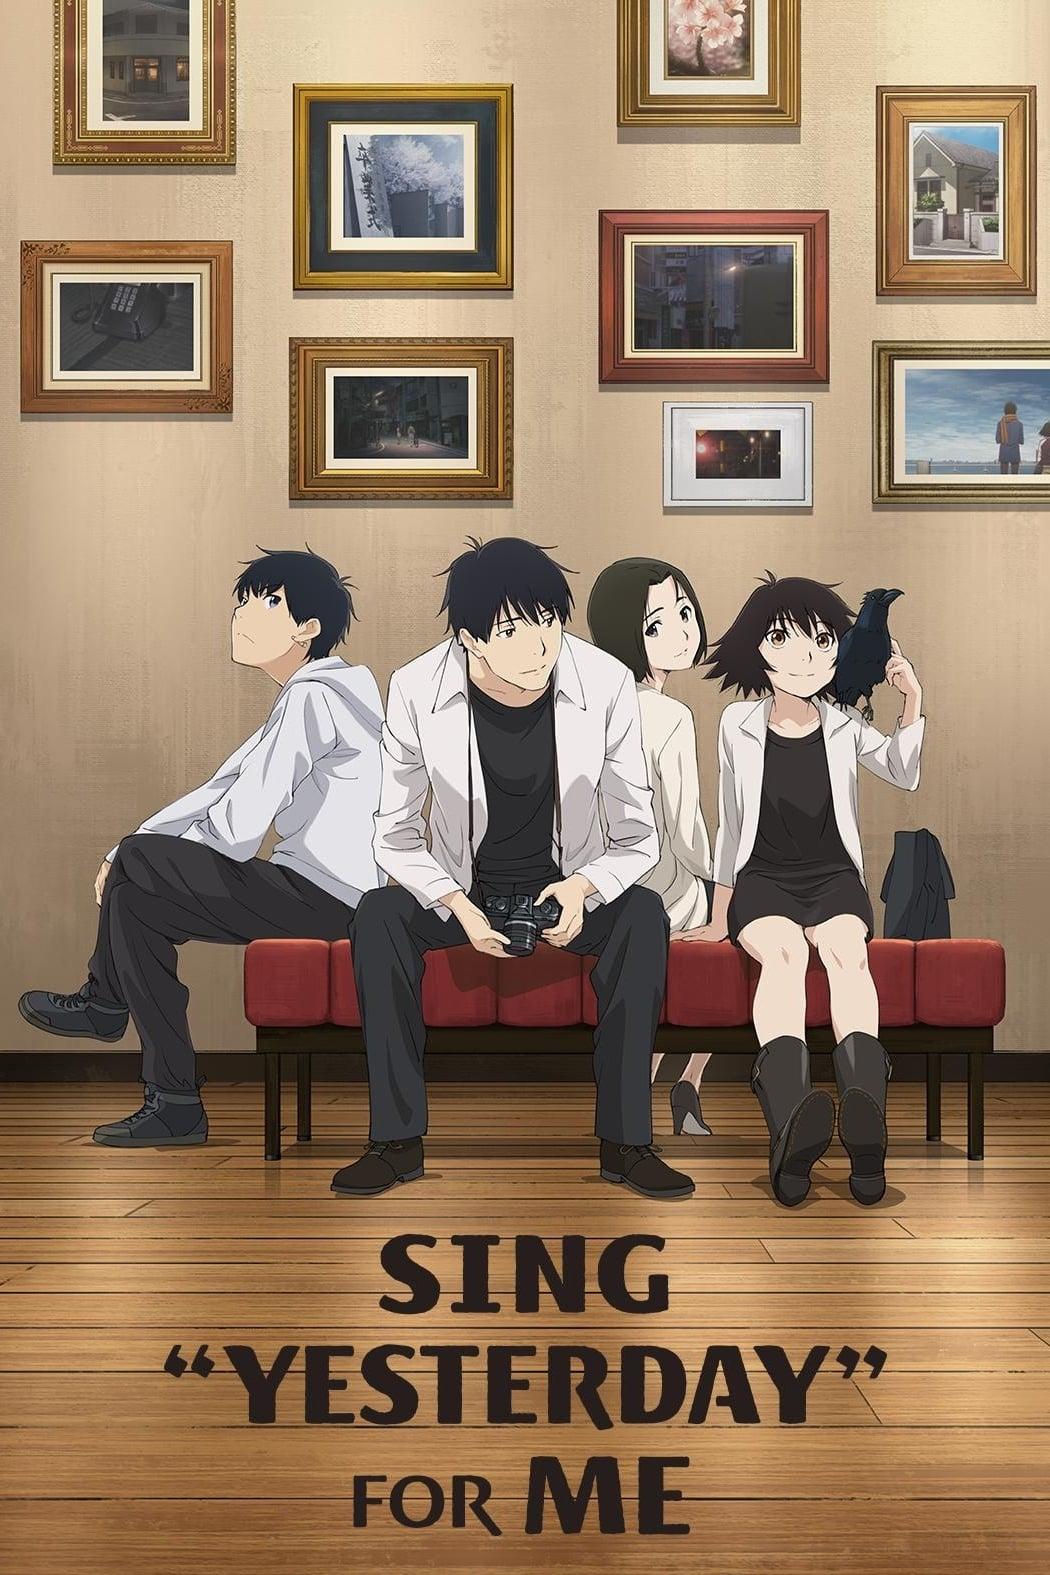 Sing Yesterday for Me บทเพลงรักแห่งวันวาน ซับไทย